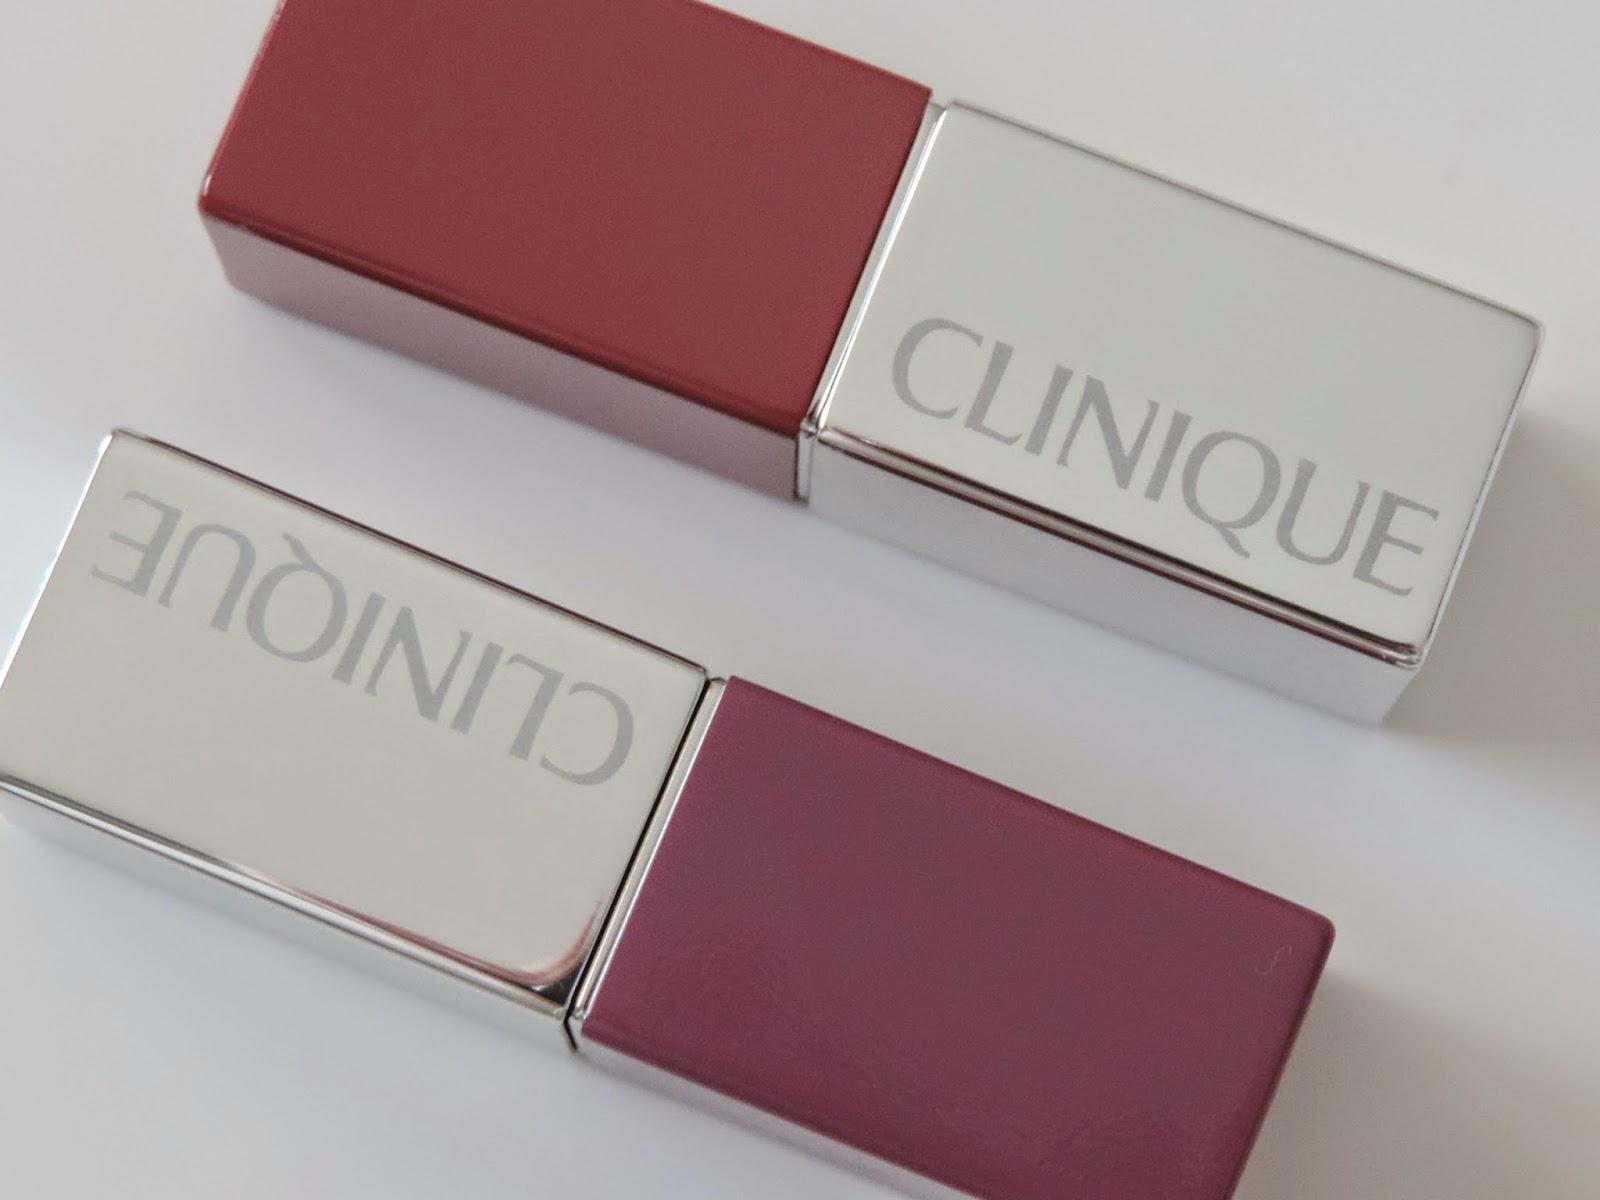 Clinique Pop Lip Colour and Primer (from top) Plum Pop, Grape Pop